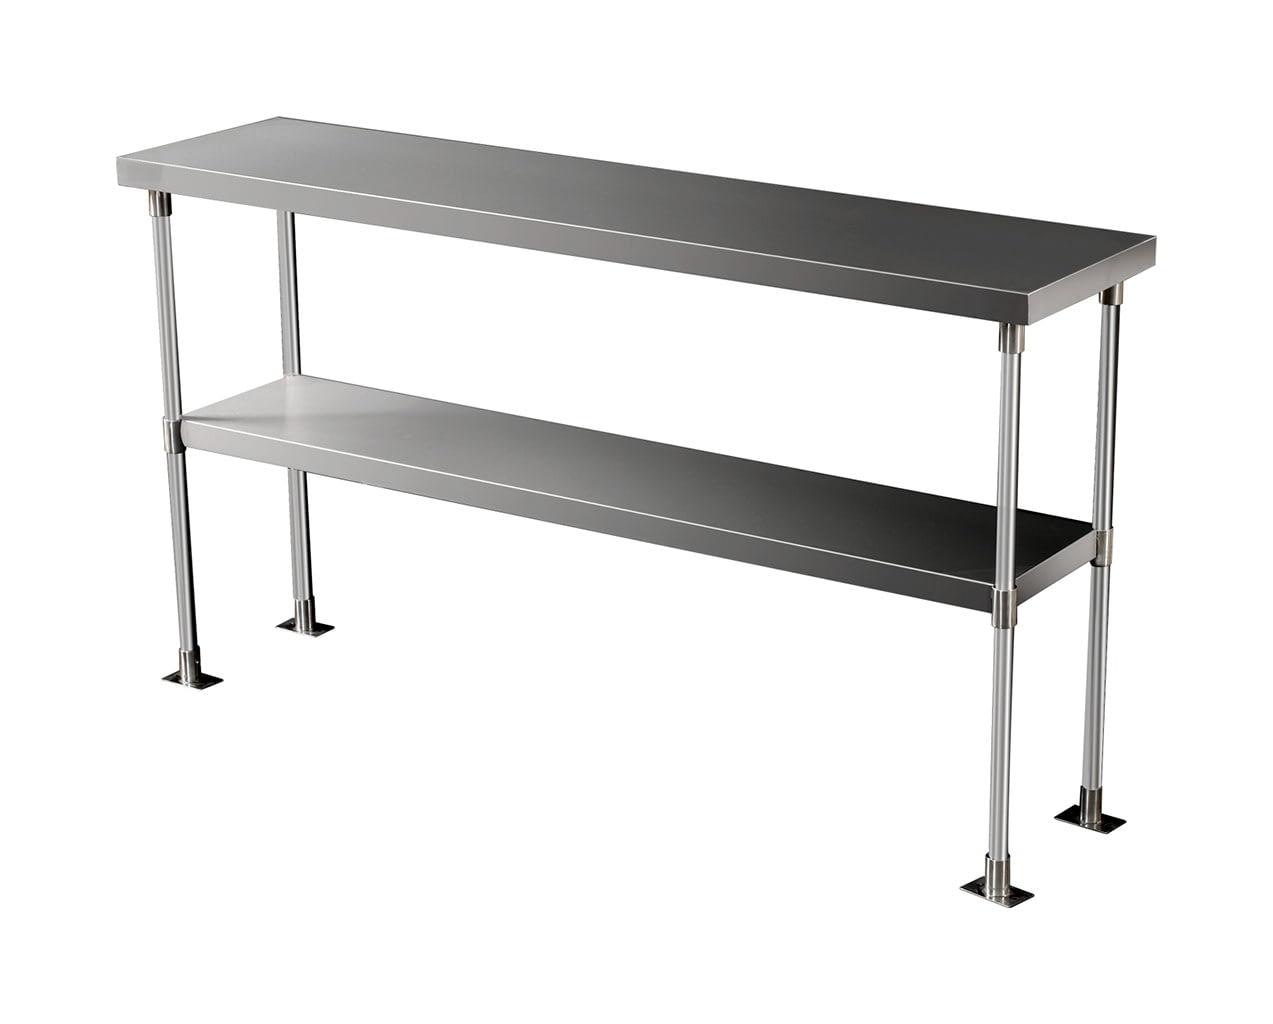 Extra Shelf For 2-Tier, 1450 X 350mm Unit